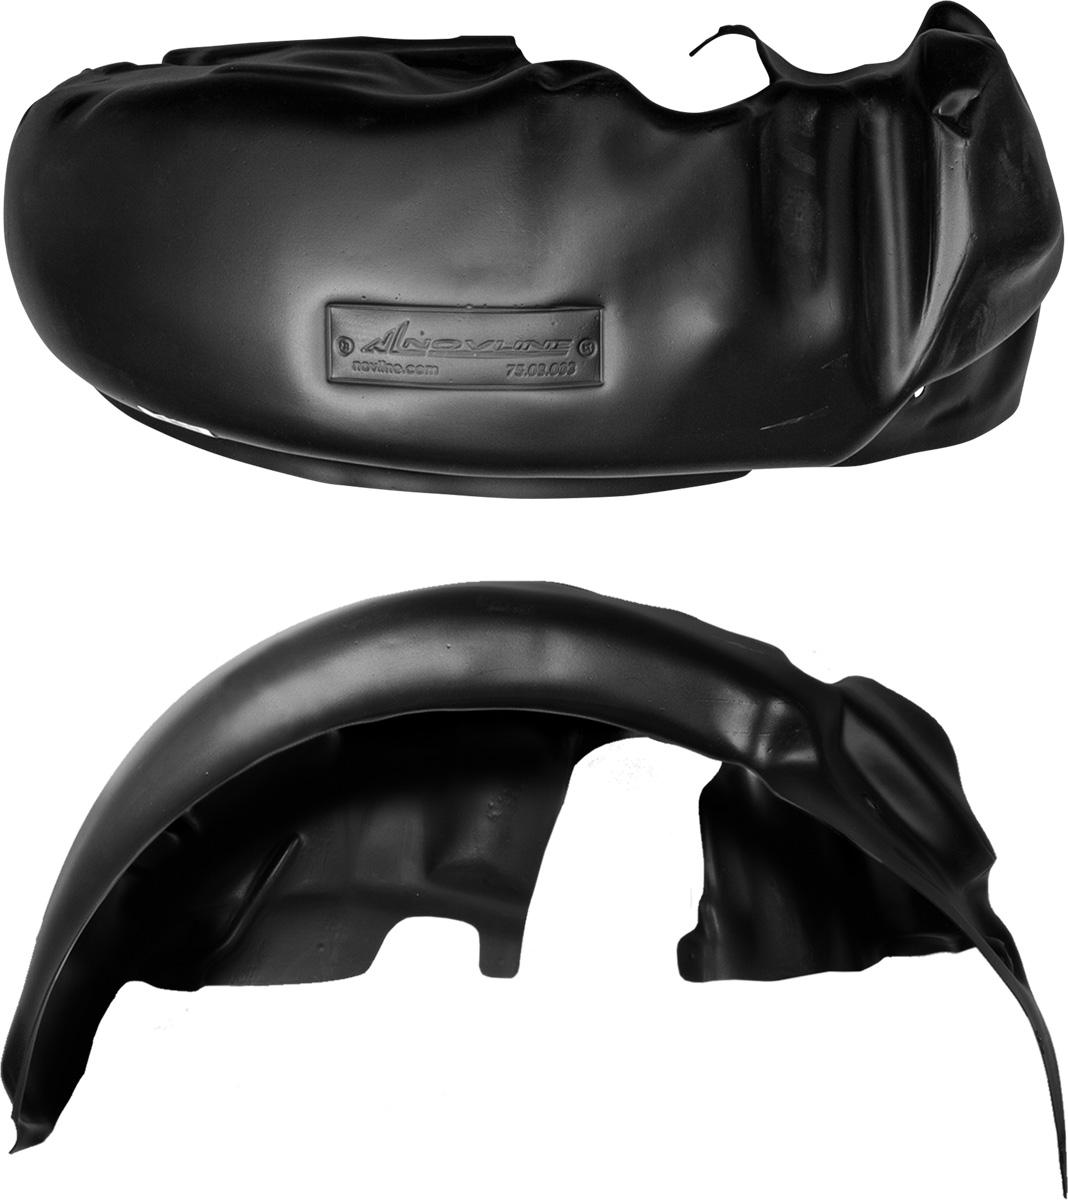 Подкрылок RENAULT Duster 4X4, 05/2015->, задний правыйNLL.41.41.004Колесные ниши – одни из самых уязвимых зон днища вашего автомобиля. Они постоянно подвергаются воздействию со стороны дороги. Лучшая, почти абсолютная защита для них - специально отформованные пластиковые кожухи, которые называются подкрылками, или локерами. Производятся они как для отечественных моделей автомобилей, так и для иномарок. Подкрылки выполнены из высококачественного, экологически чистого пластика. Обеспечивают надежную защиту кузова автомобиля от пескоструйного эффекта и негативного влияния, агрессивных антигололедных реагентов. Пластик обладает более низкой теплопроводностью, чем металл, поэтому в зимний период эксплуатации использование пластиковых подкрылков позволяет лучше защитить колесные ниши от налипания снега и образования наледи. Оригинальность конструкции подчеркивает элегантность автомобиля, бережно защищает нанесенное на днище кузова антикоррозийное покрытие и позволяет осуществить крепление подкрылков внутри колесной арки практически без дополнительного...